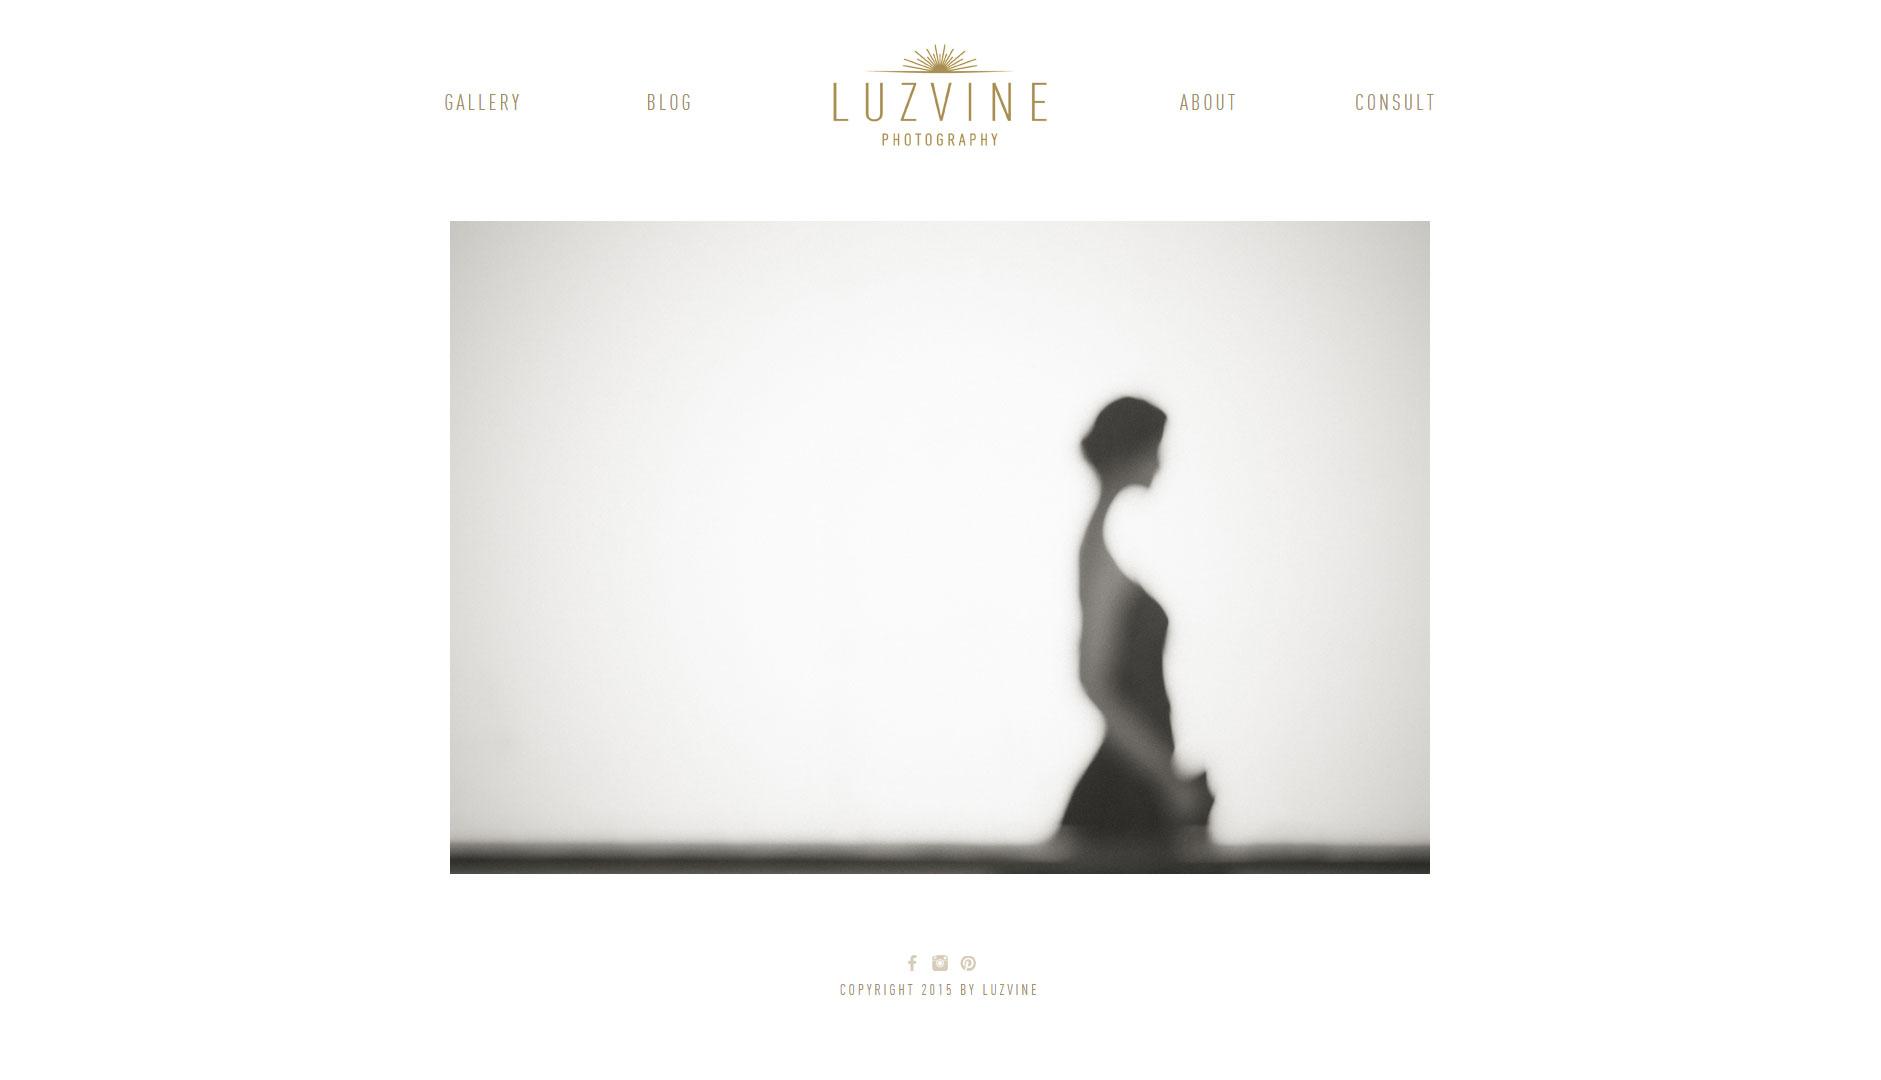 LUZVINE PHOTOGRAPHY